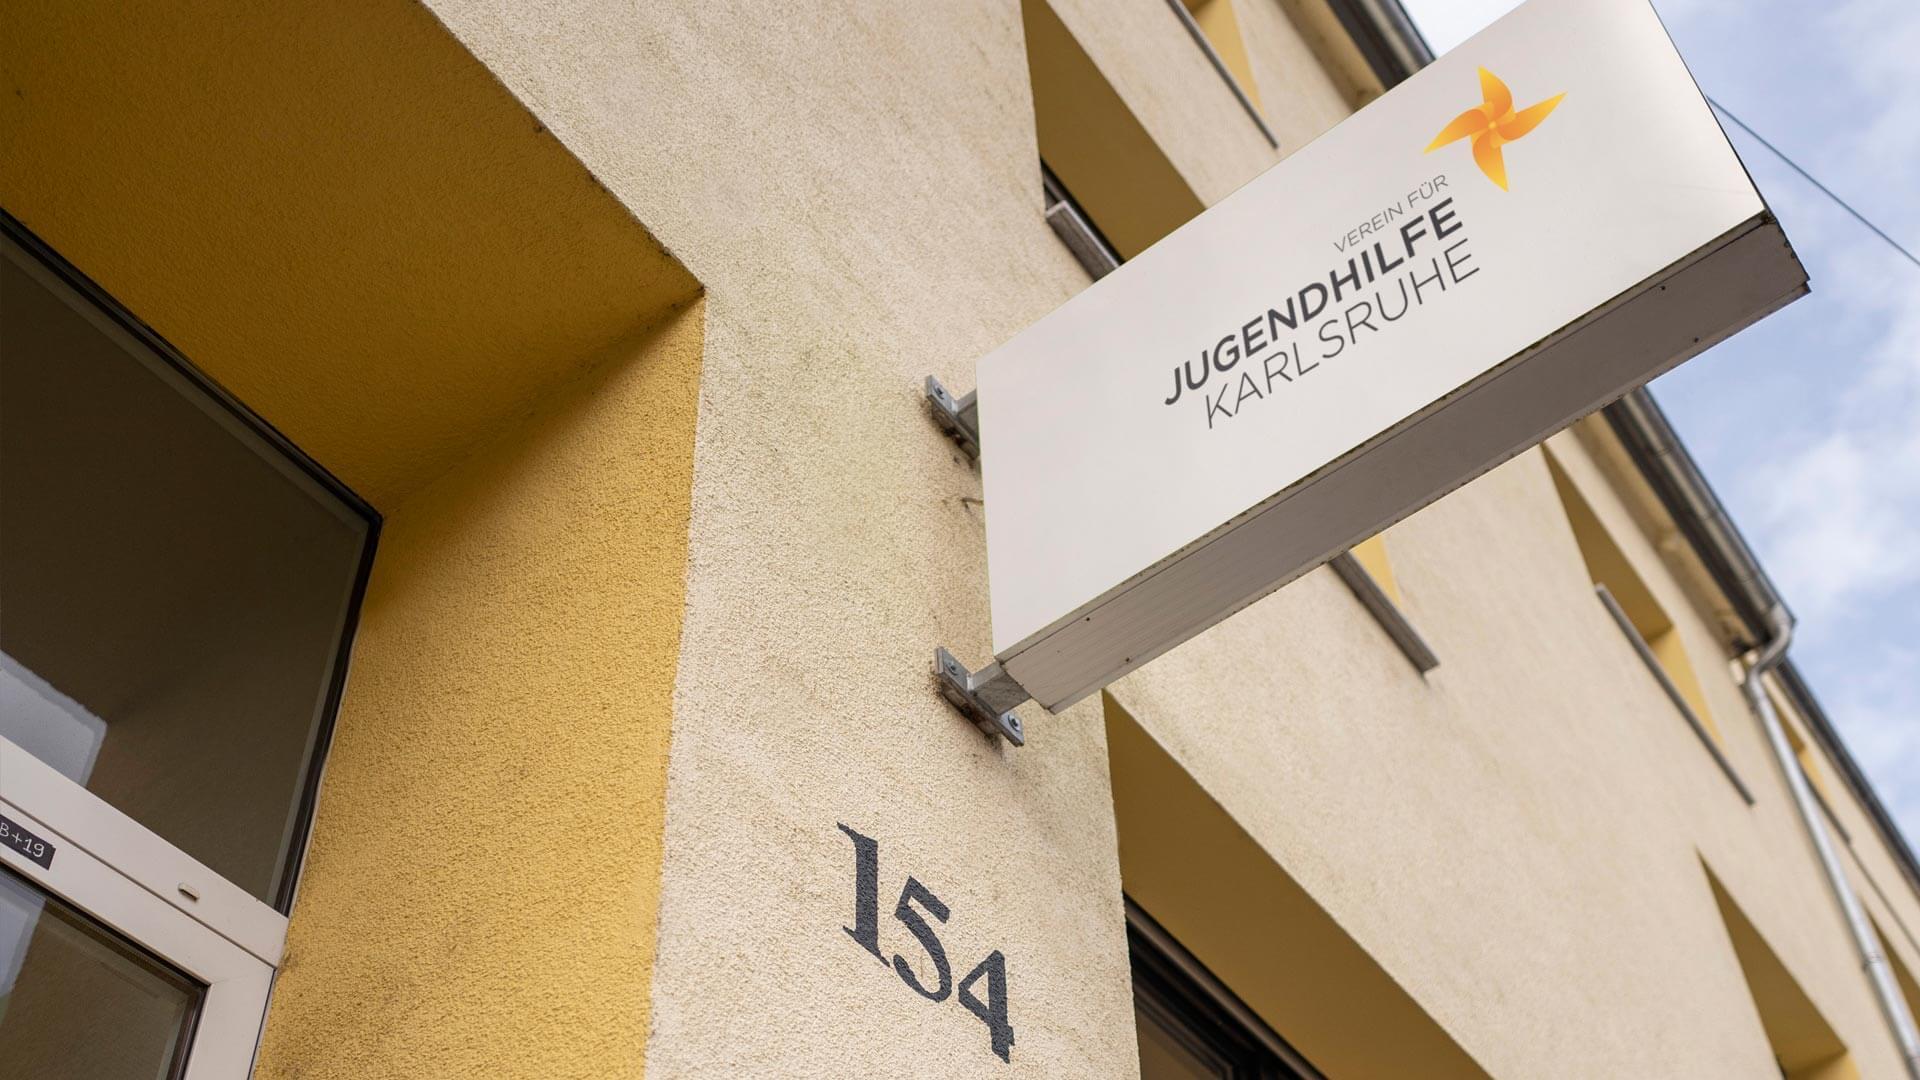 Verein für Jugendhilfe Karlsruhe e.V. Schild Beschilderung Schilderleitsystem